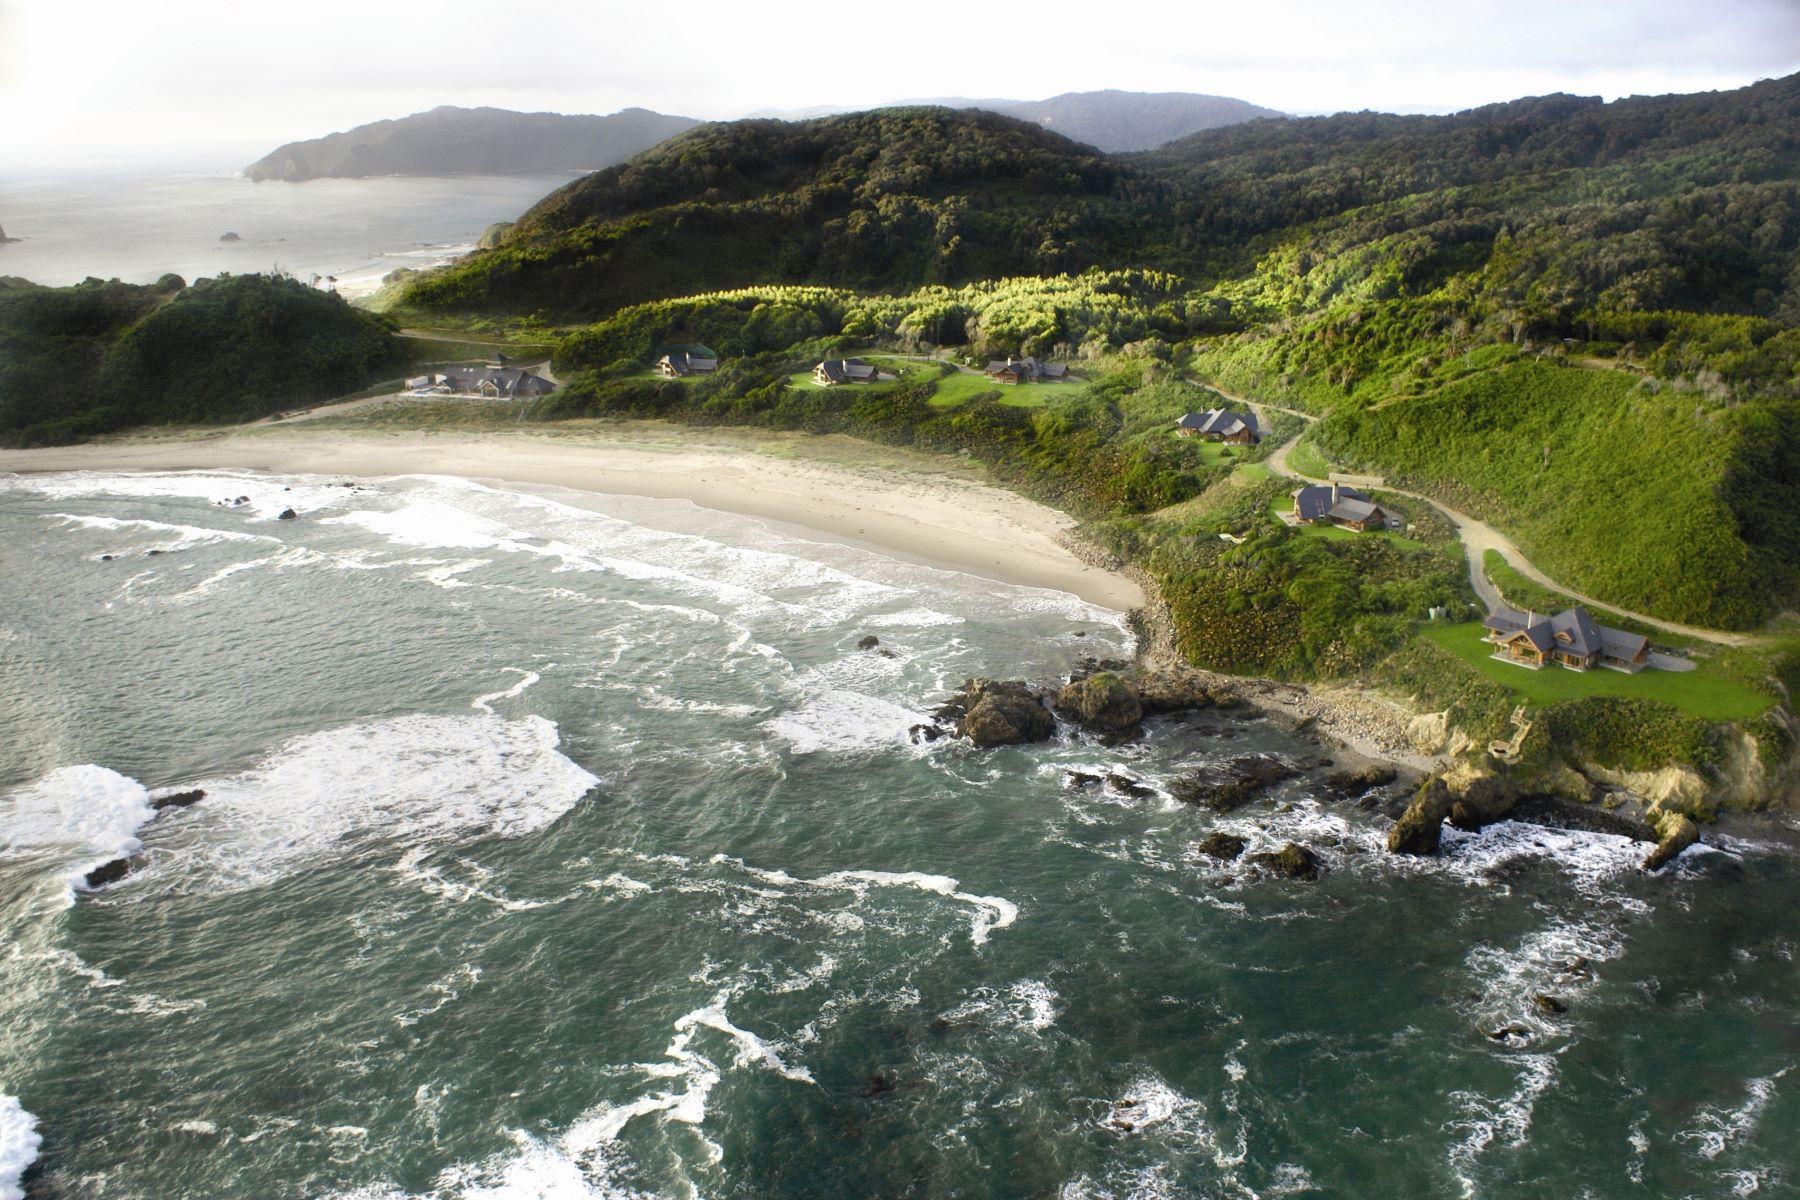 Ferme / Ranch / Plantation pour l Vente à The Cliffs Preserve - Eco Luxury Paradise Chilean Patagonia, Chilean Patagonia Sur Portfolio, PUERTO MONTT Chili